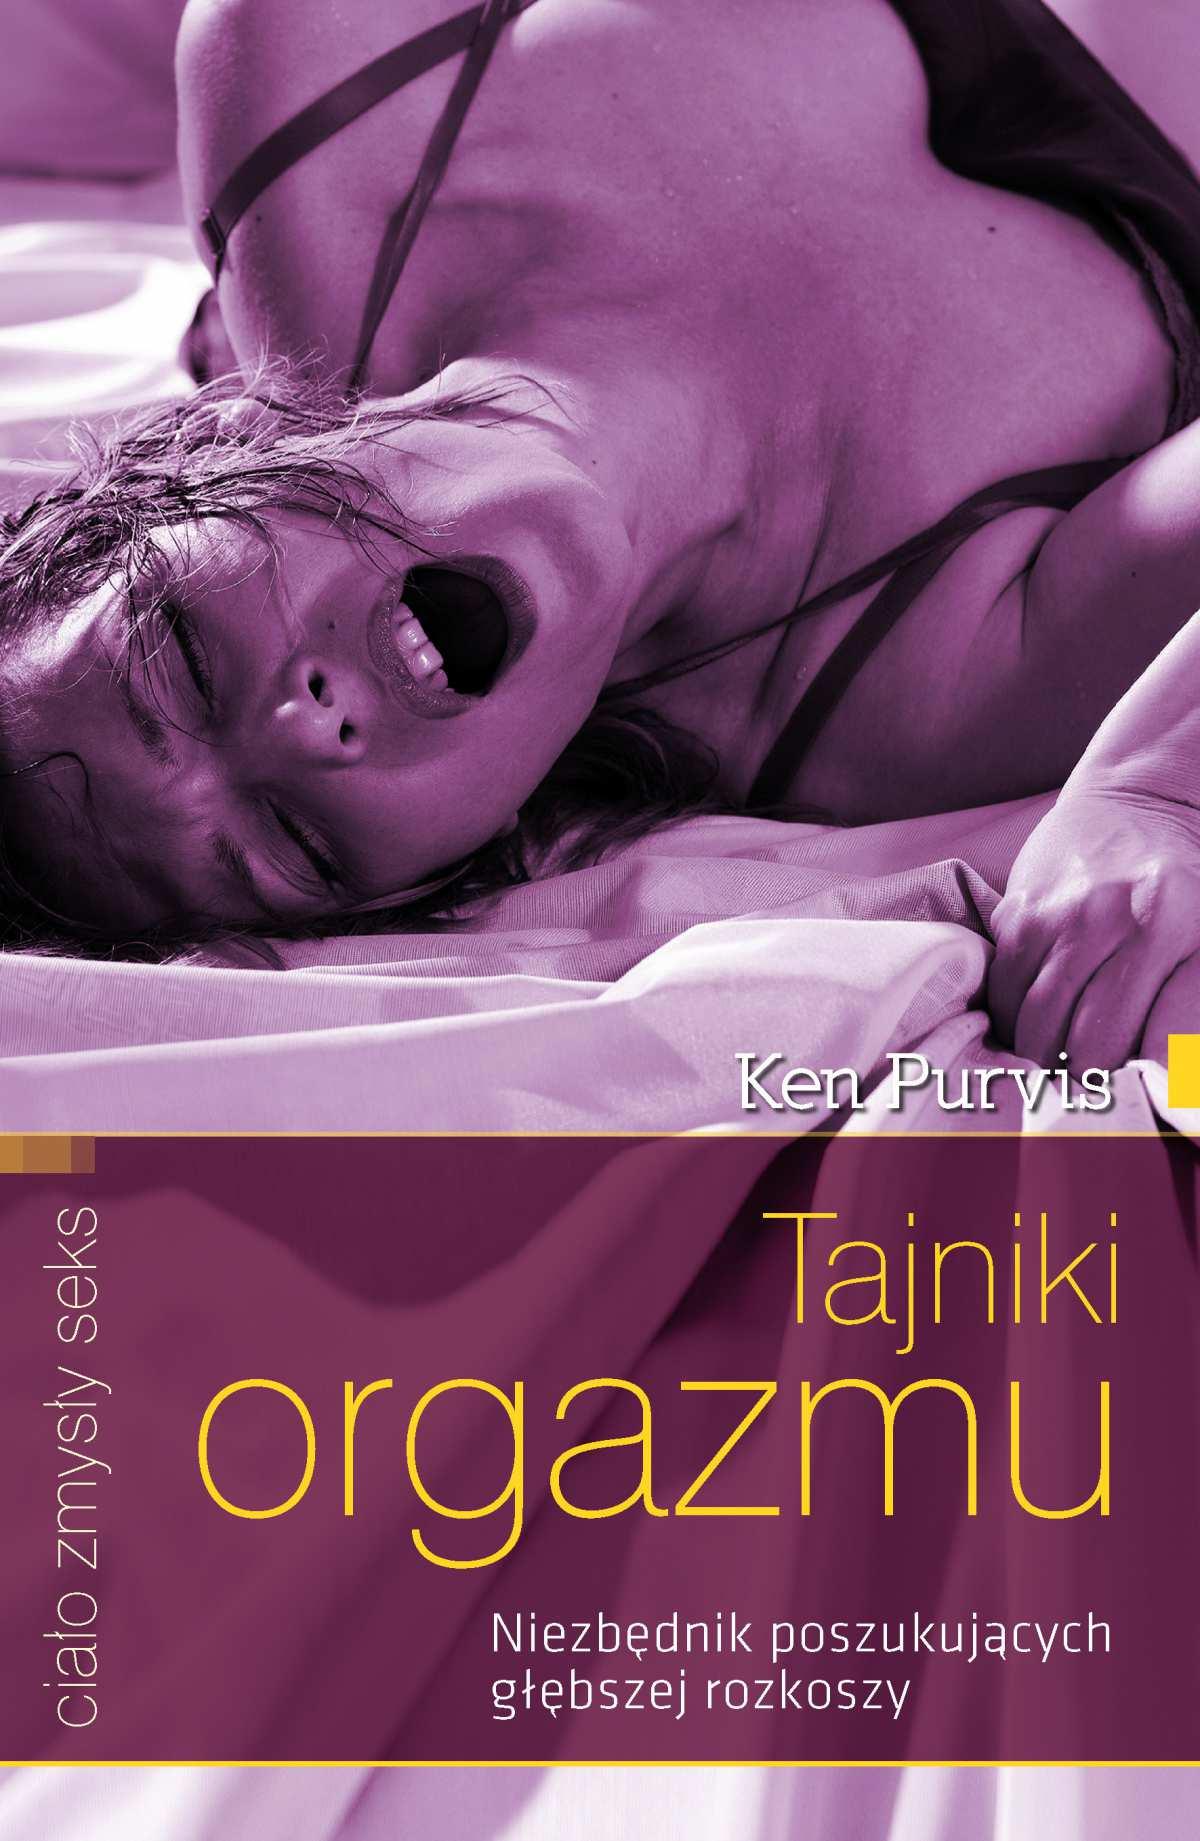 Tajniki orgazmu - Ebook (Książka na Kindle) do pobrania w formacie MOBI